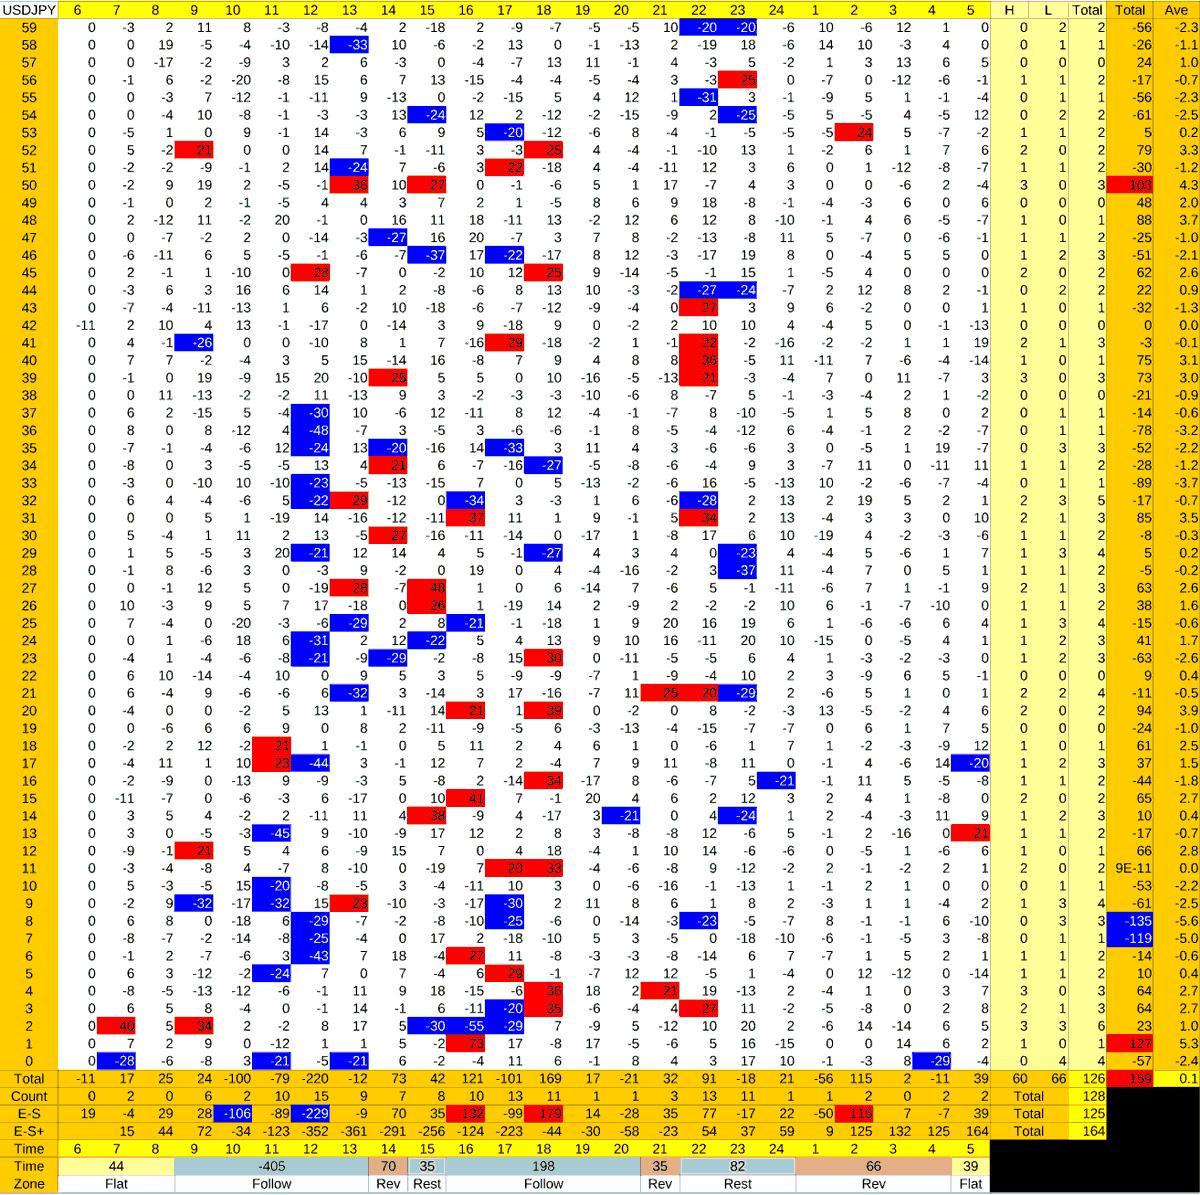 20210621_HS(1)USDJPY-min